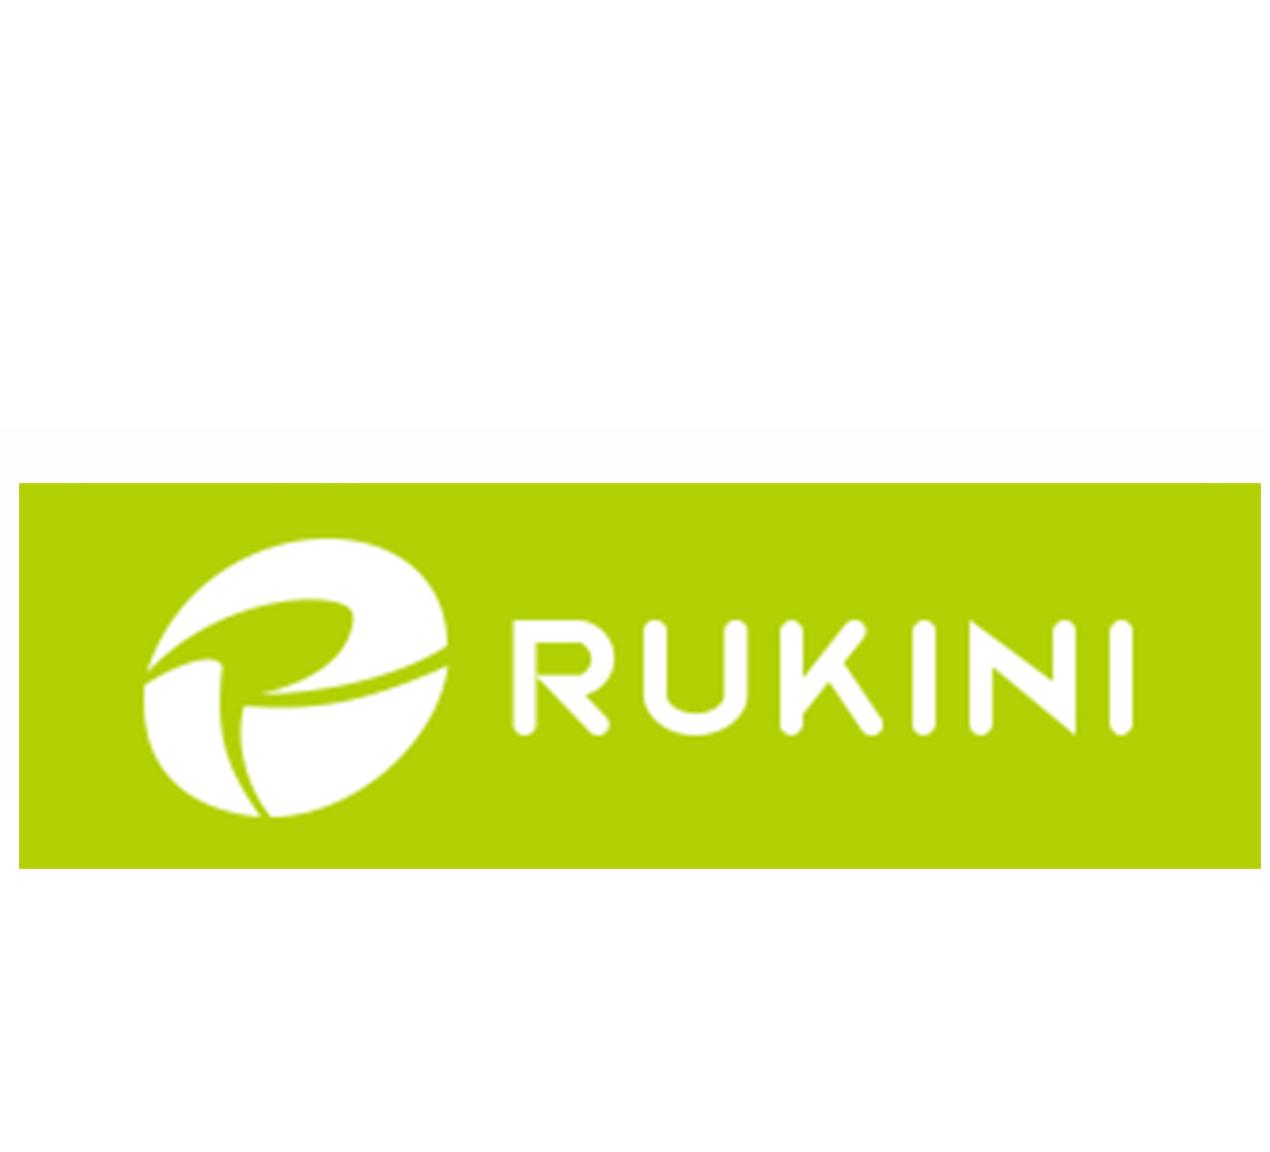 Rukini